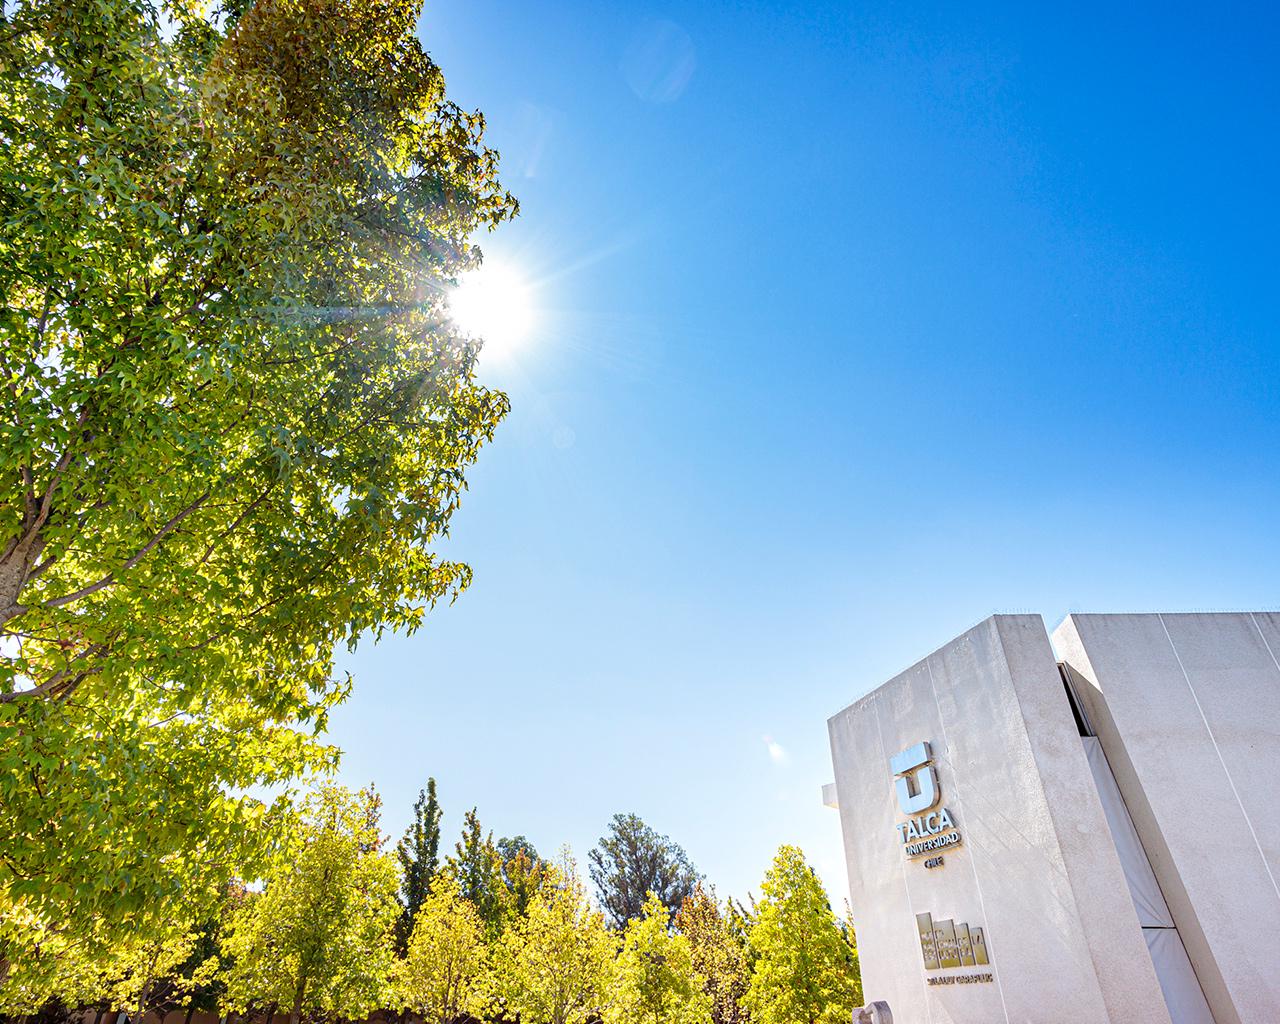 Consejo Académico aprobó receso extraordinario para la comunidad universitaria